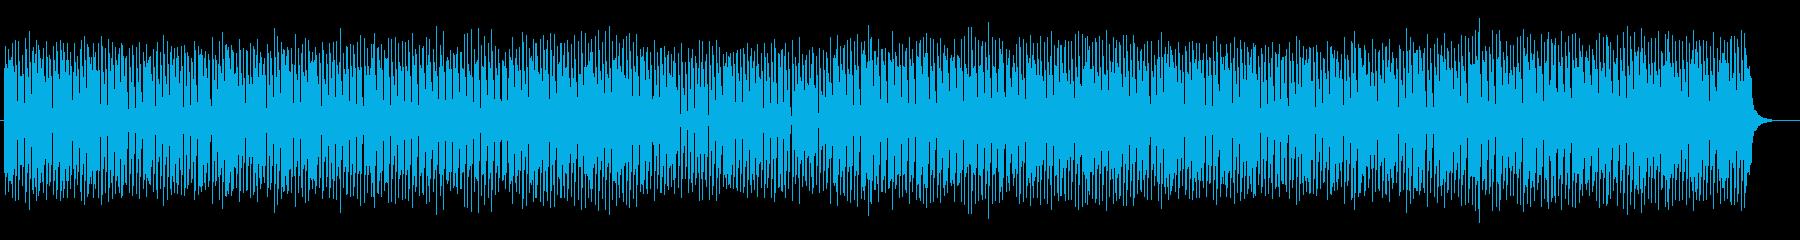 コミカルで楽しいポップサウンドの再生済みの波形